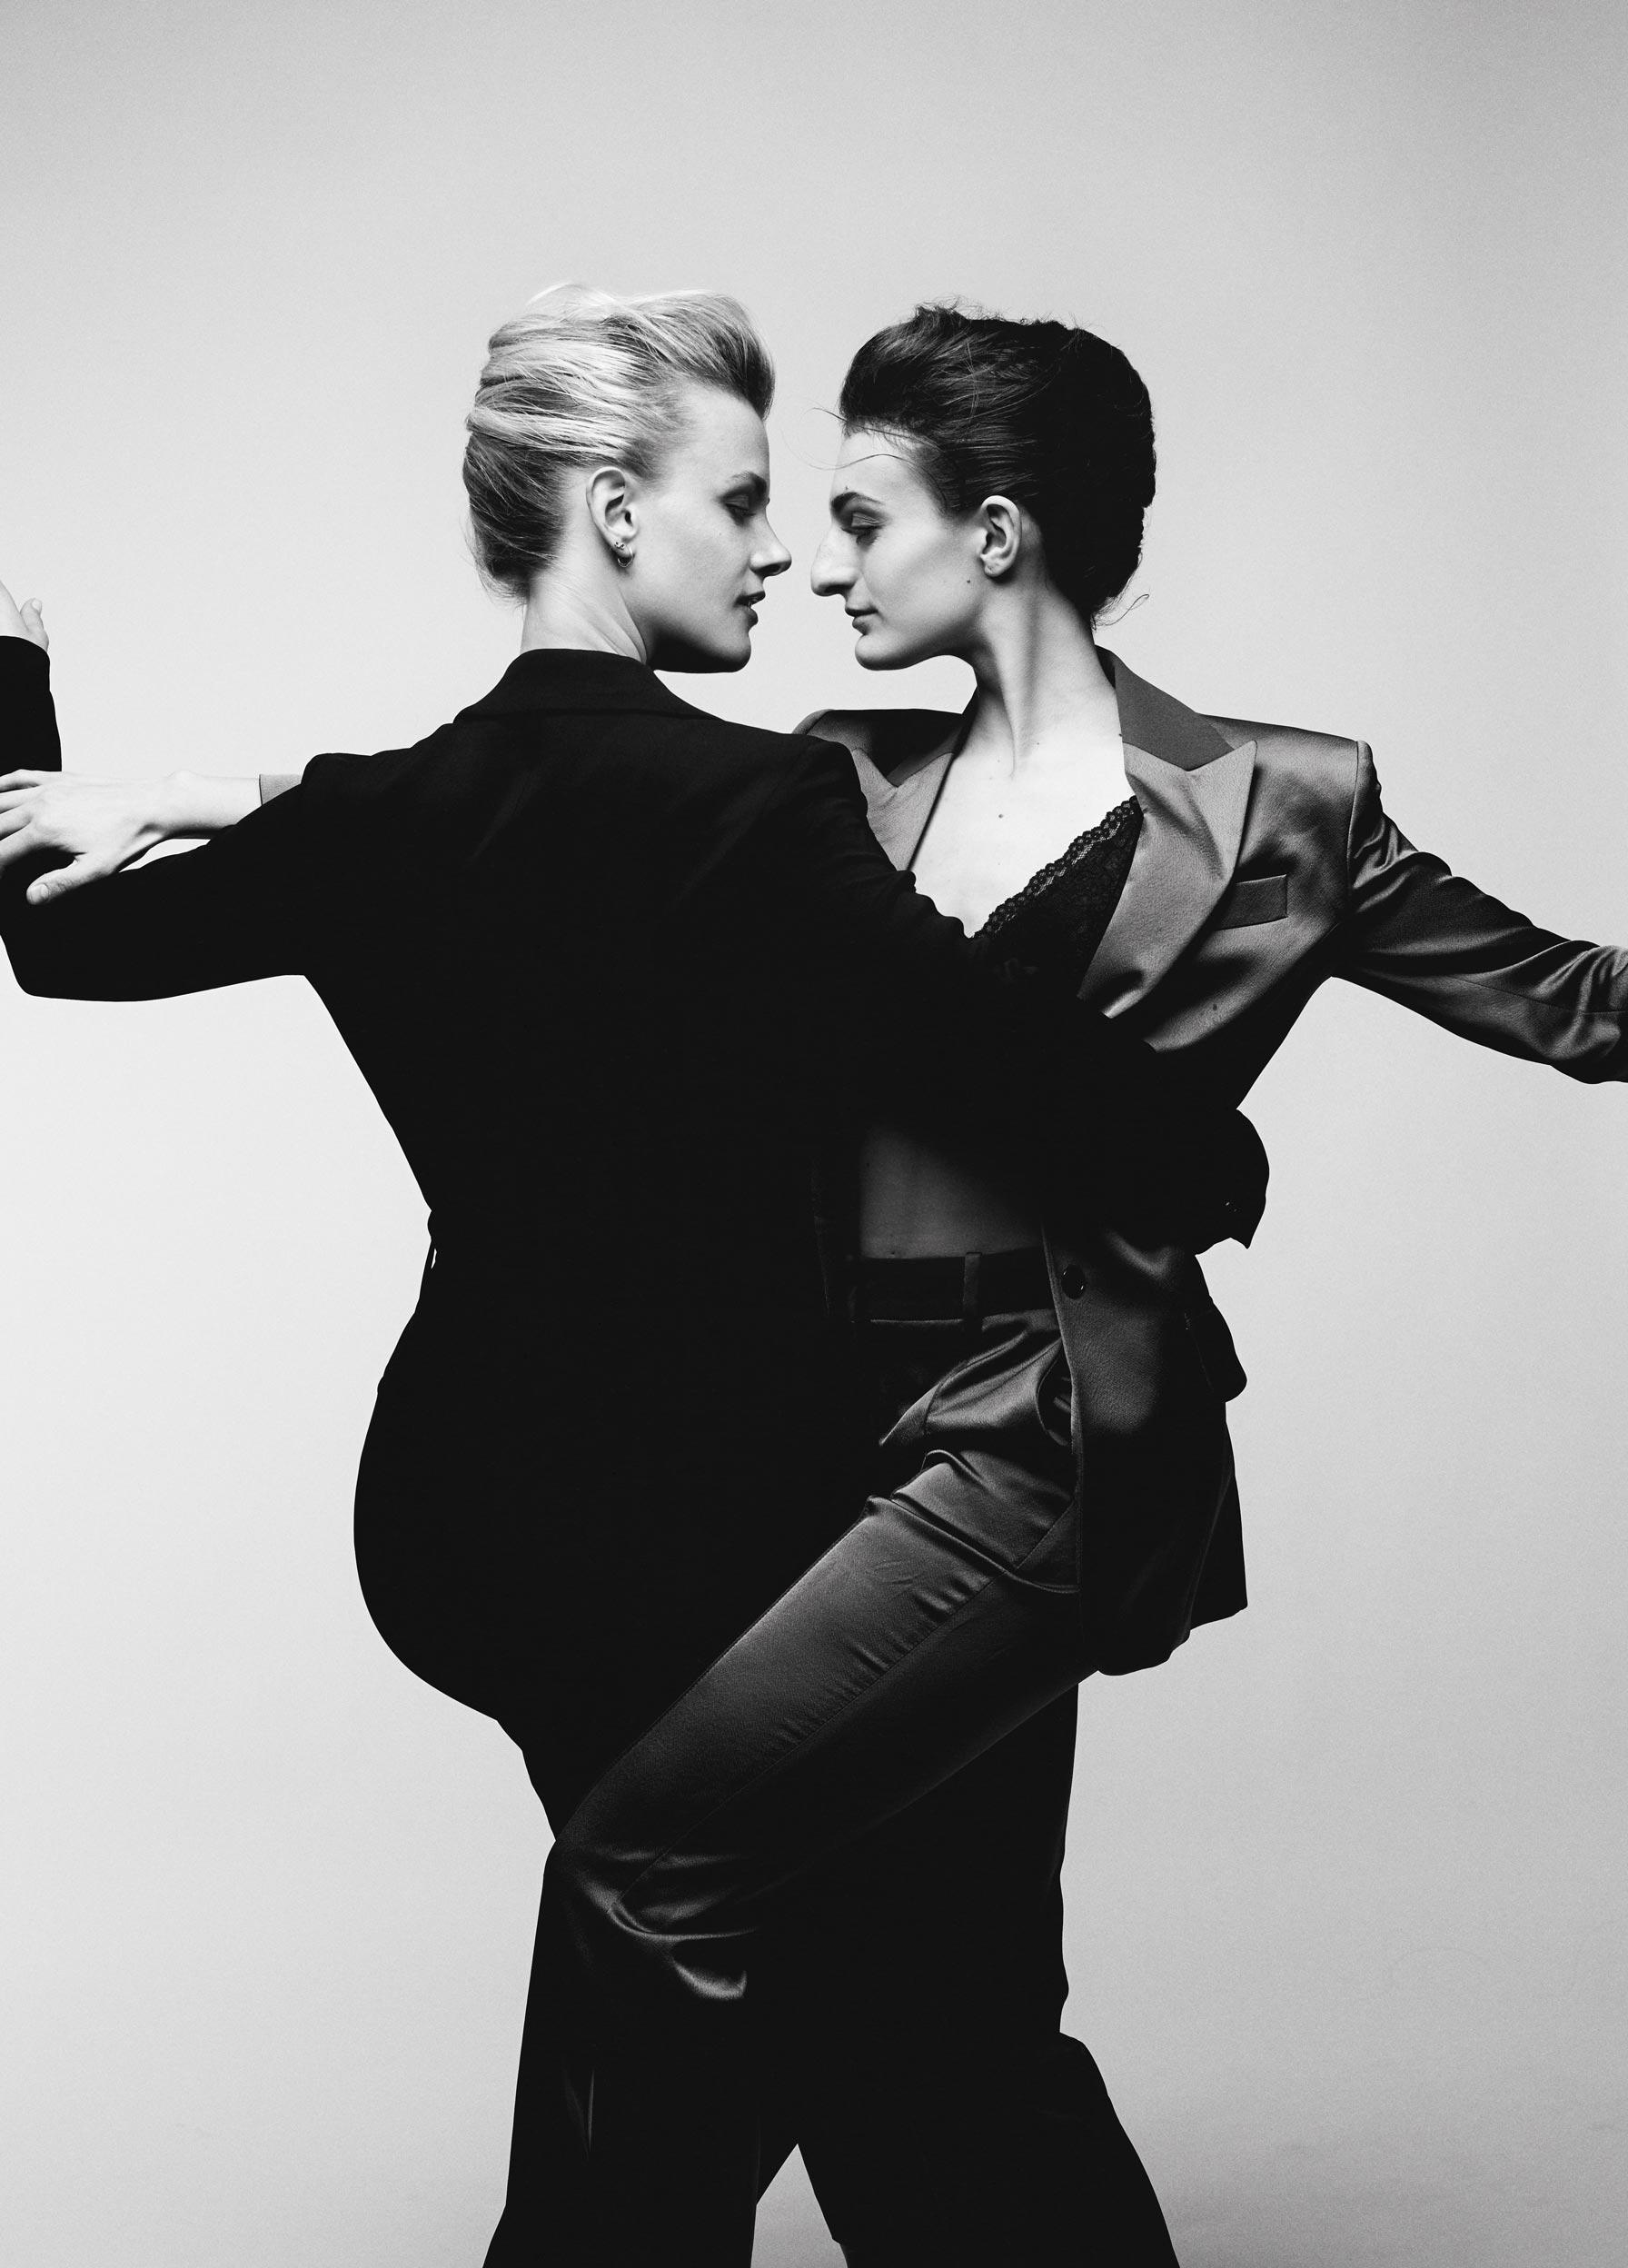 Séance photo de couple en duo avec photographe professionnelle. Portrait noir et blanc de Gabriella Papadakis et Madison Hubbell athlètes olympique danse sur glace.